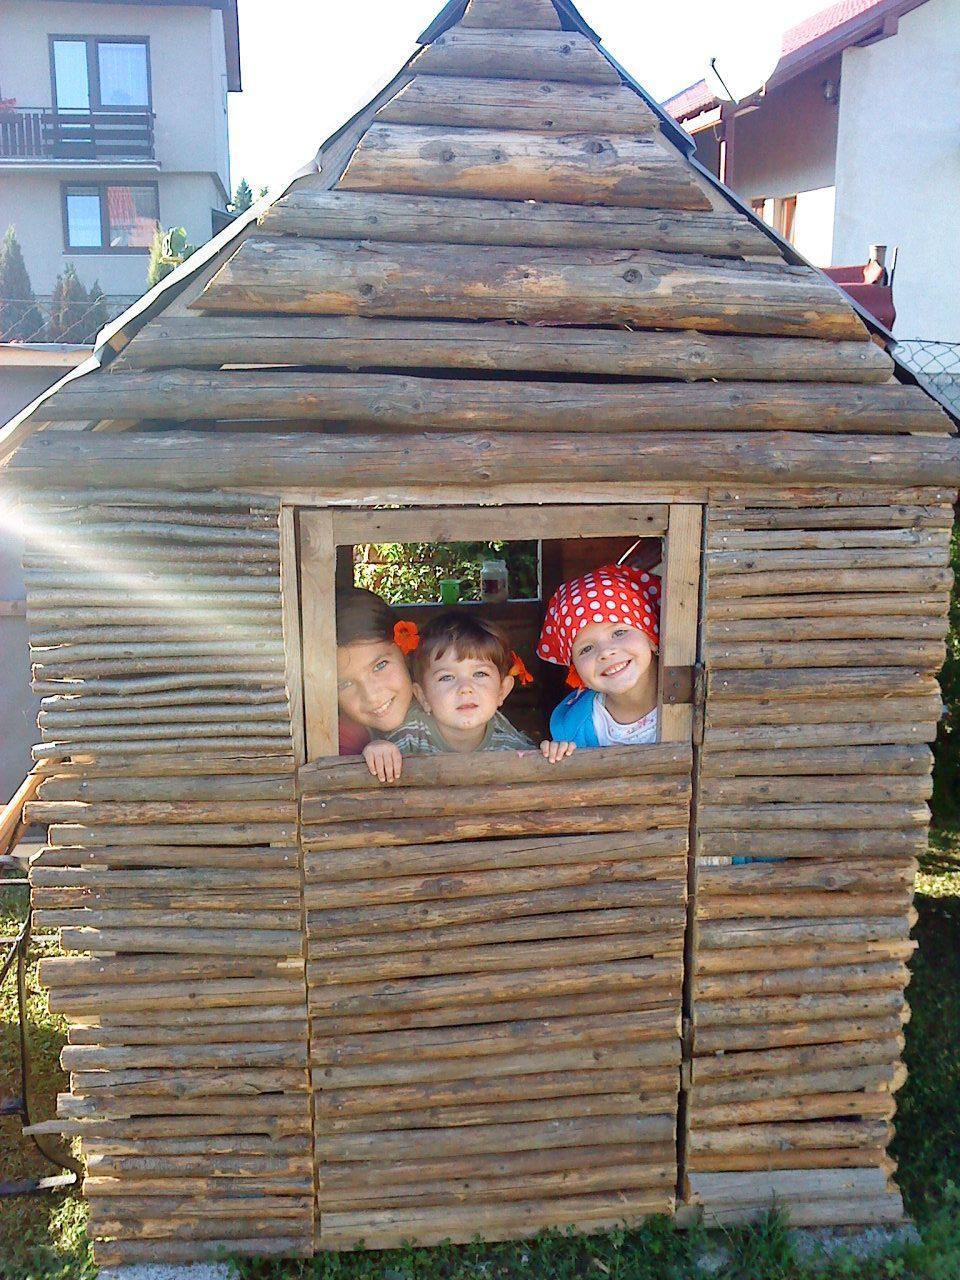 Naše bývanie - Drevenička pre deti... dve sú od susedov a tá s červenou šatkou je moja. Fotka je už 4 roky stará, teraz sa tam už hrá so svojou mladšou sestričkou.